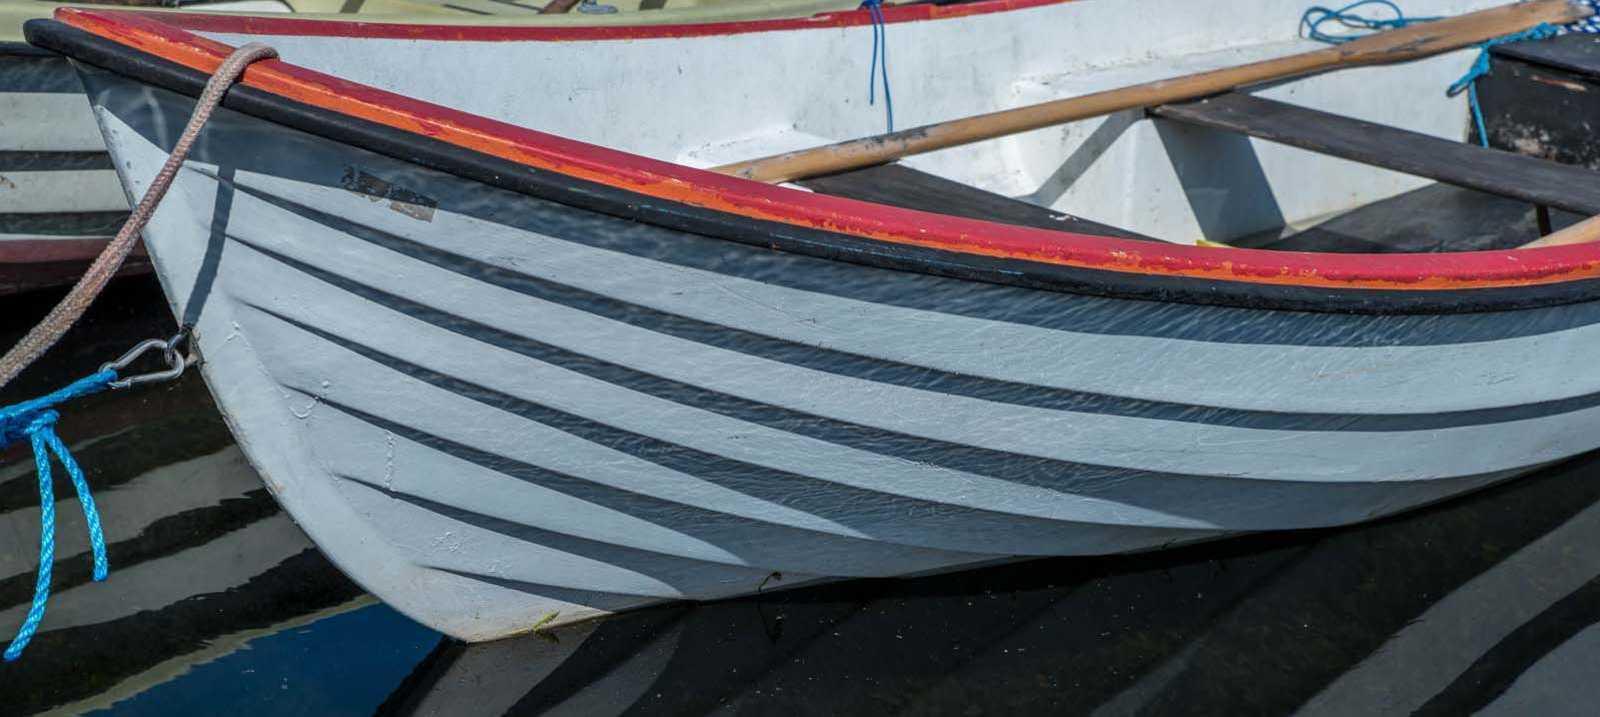 Holzboot spiegelt sich im Wasser